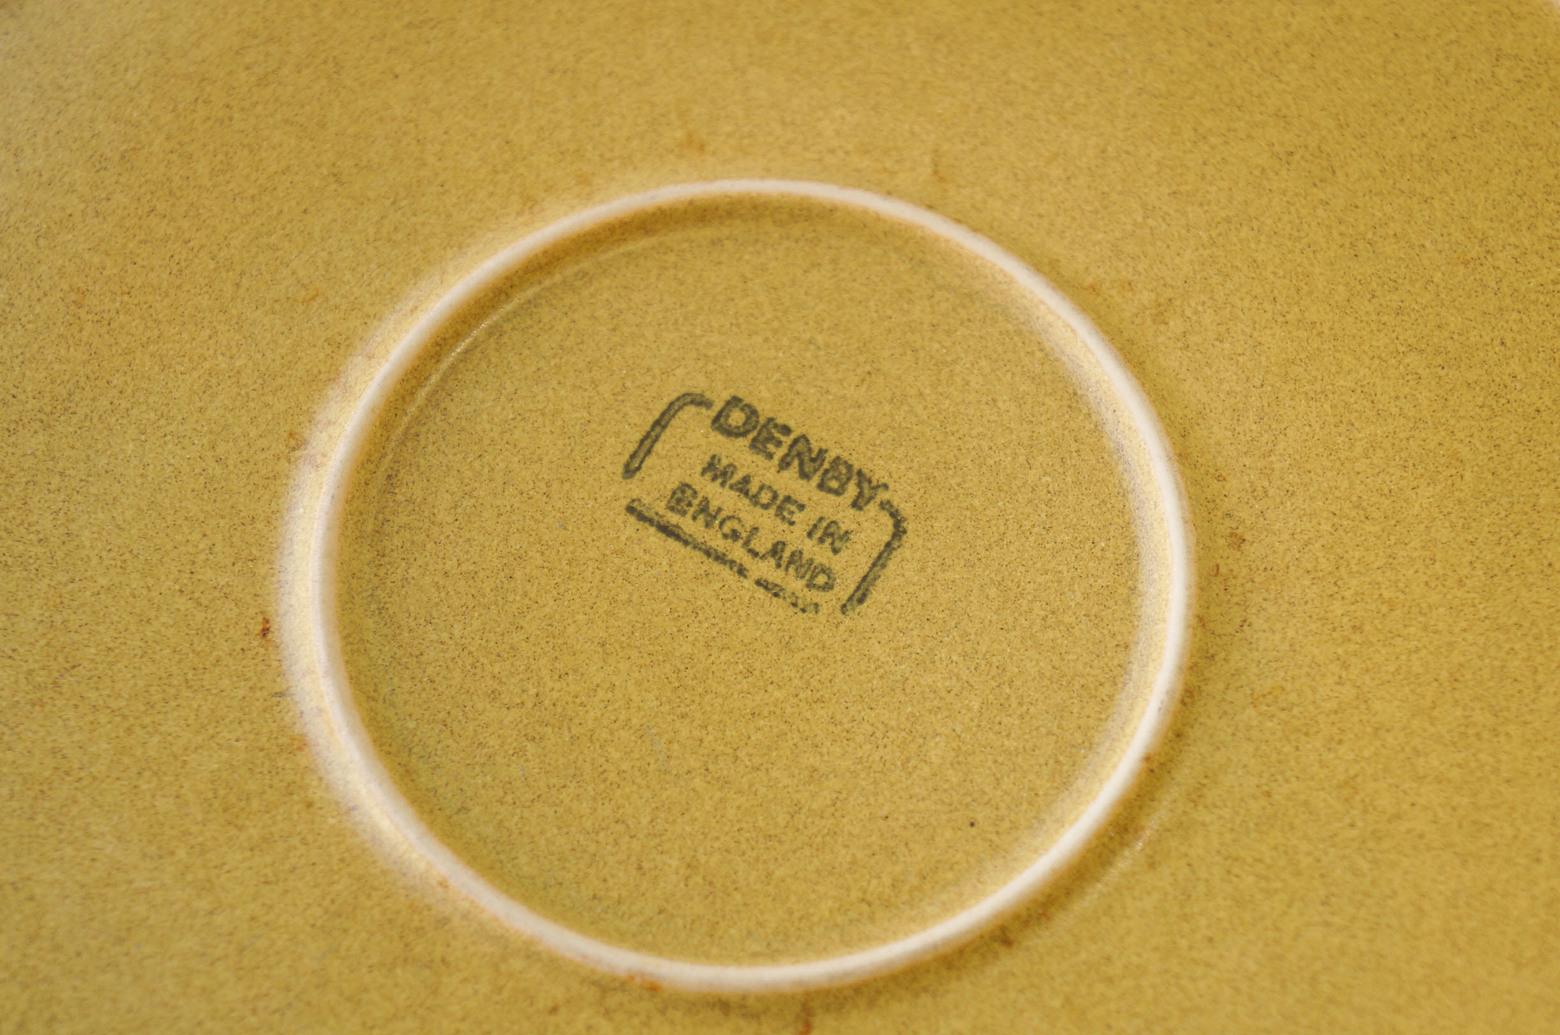 UK Vintage Denby ODE Plate Large/イギリスヴィンテージ デンビー オード プレート 皿 ストーンウェア 食器 大 3